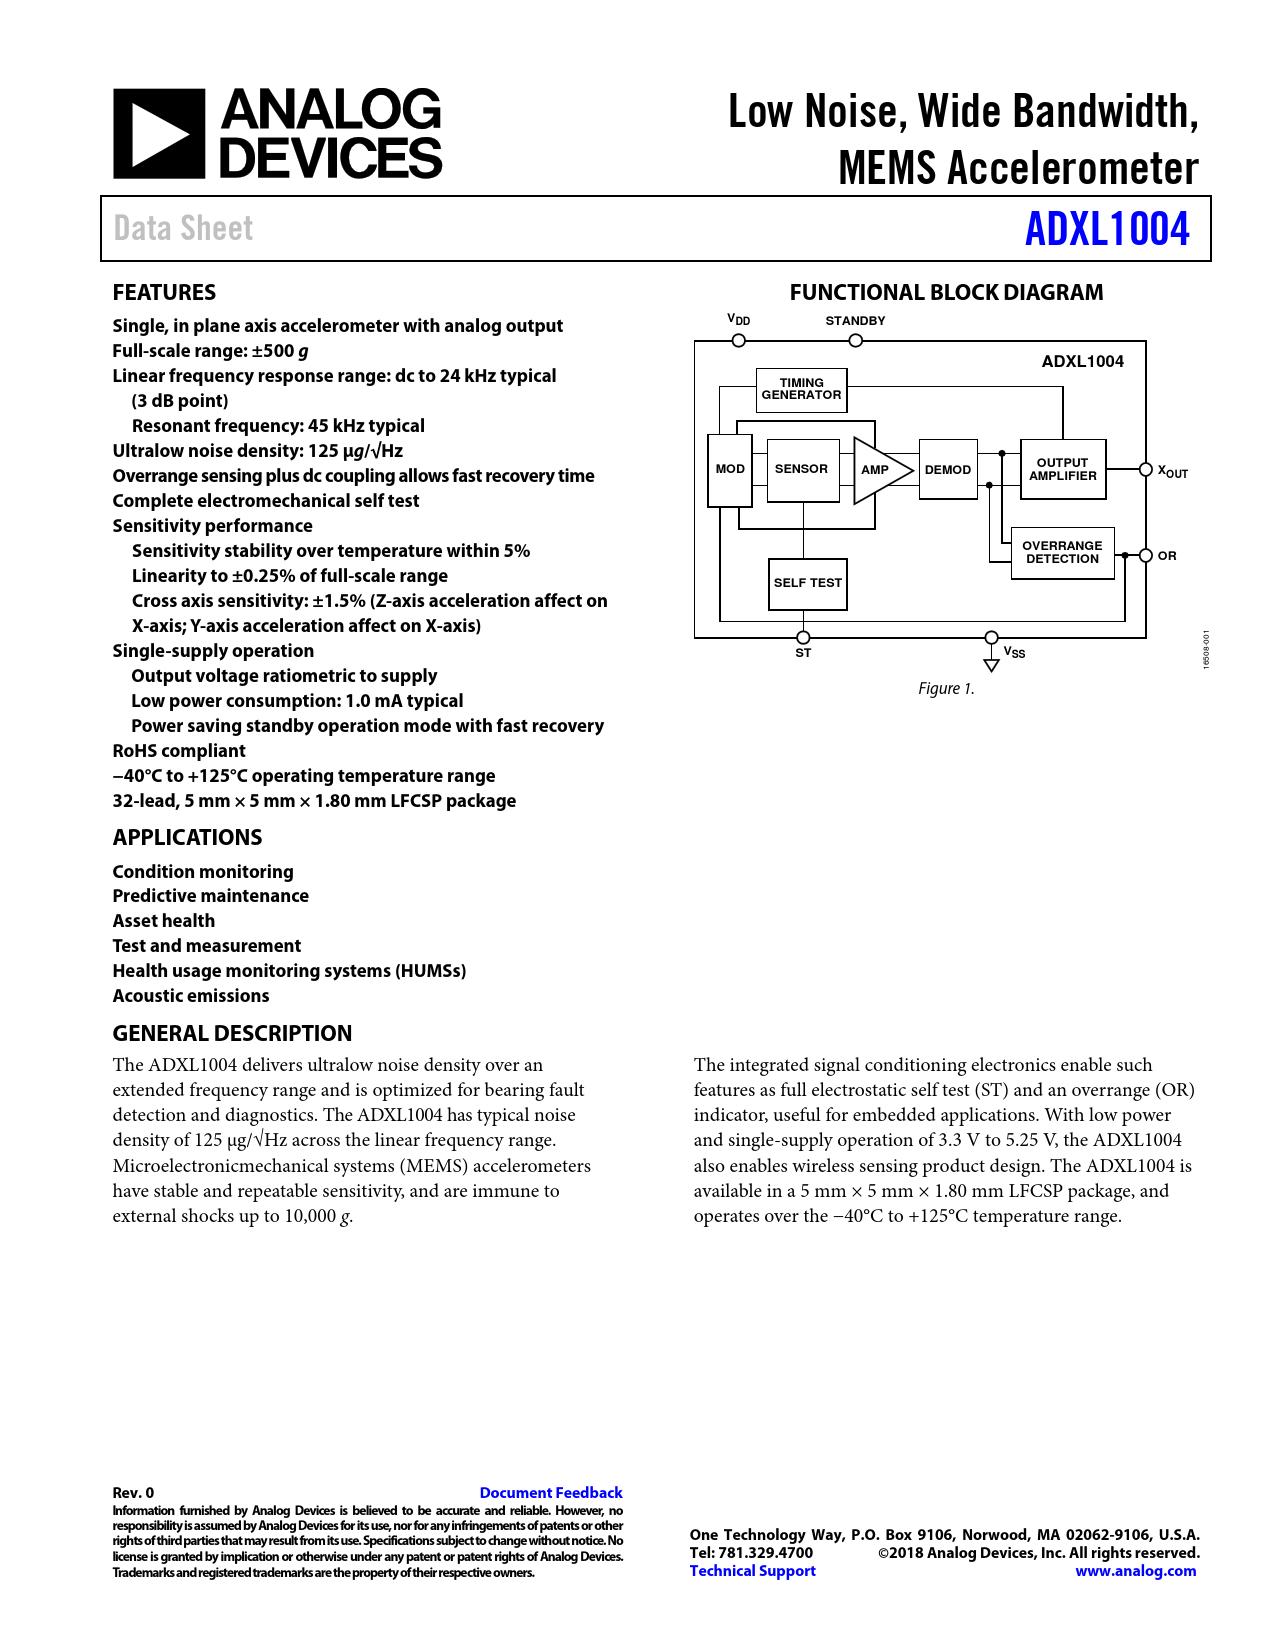 Datasheet ADXL1004 Analog Devices